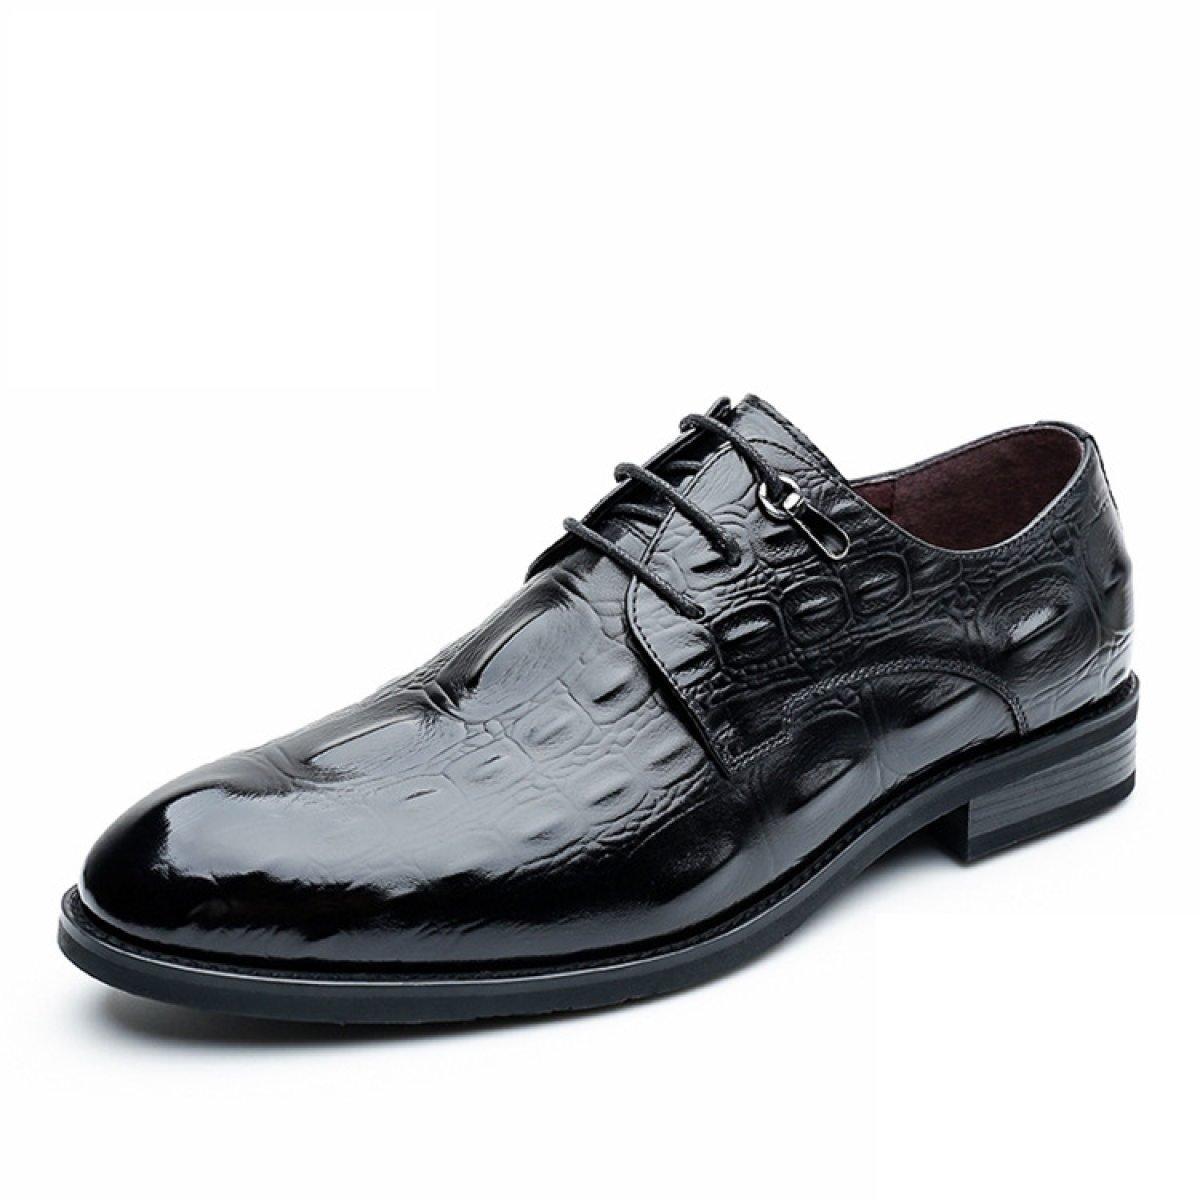 NBWE Herren Crocodile Echtes Leder Schuhe Geschäft Kleid Schuhe Bräutigam Hochzeitsschuhe